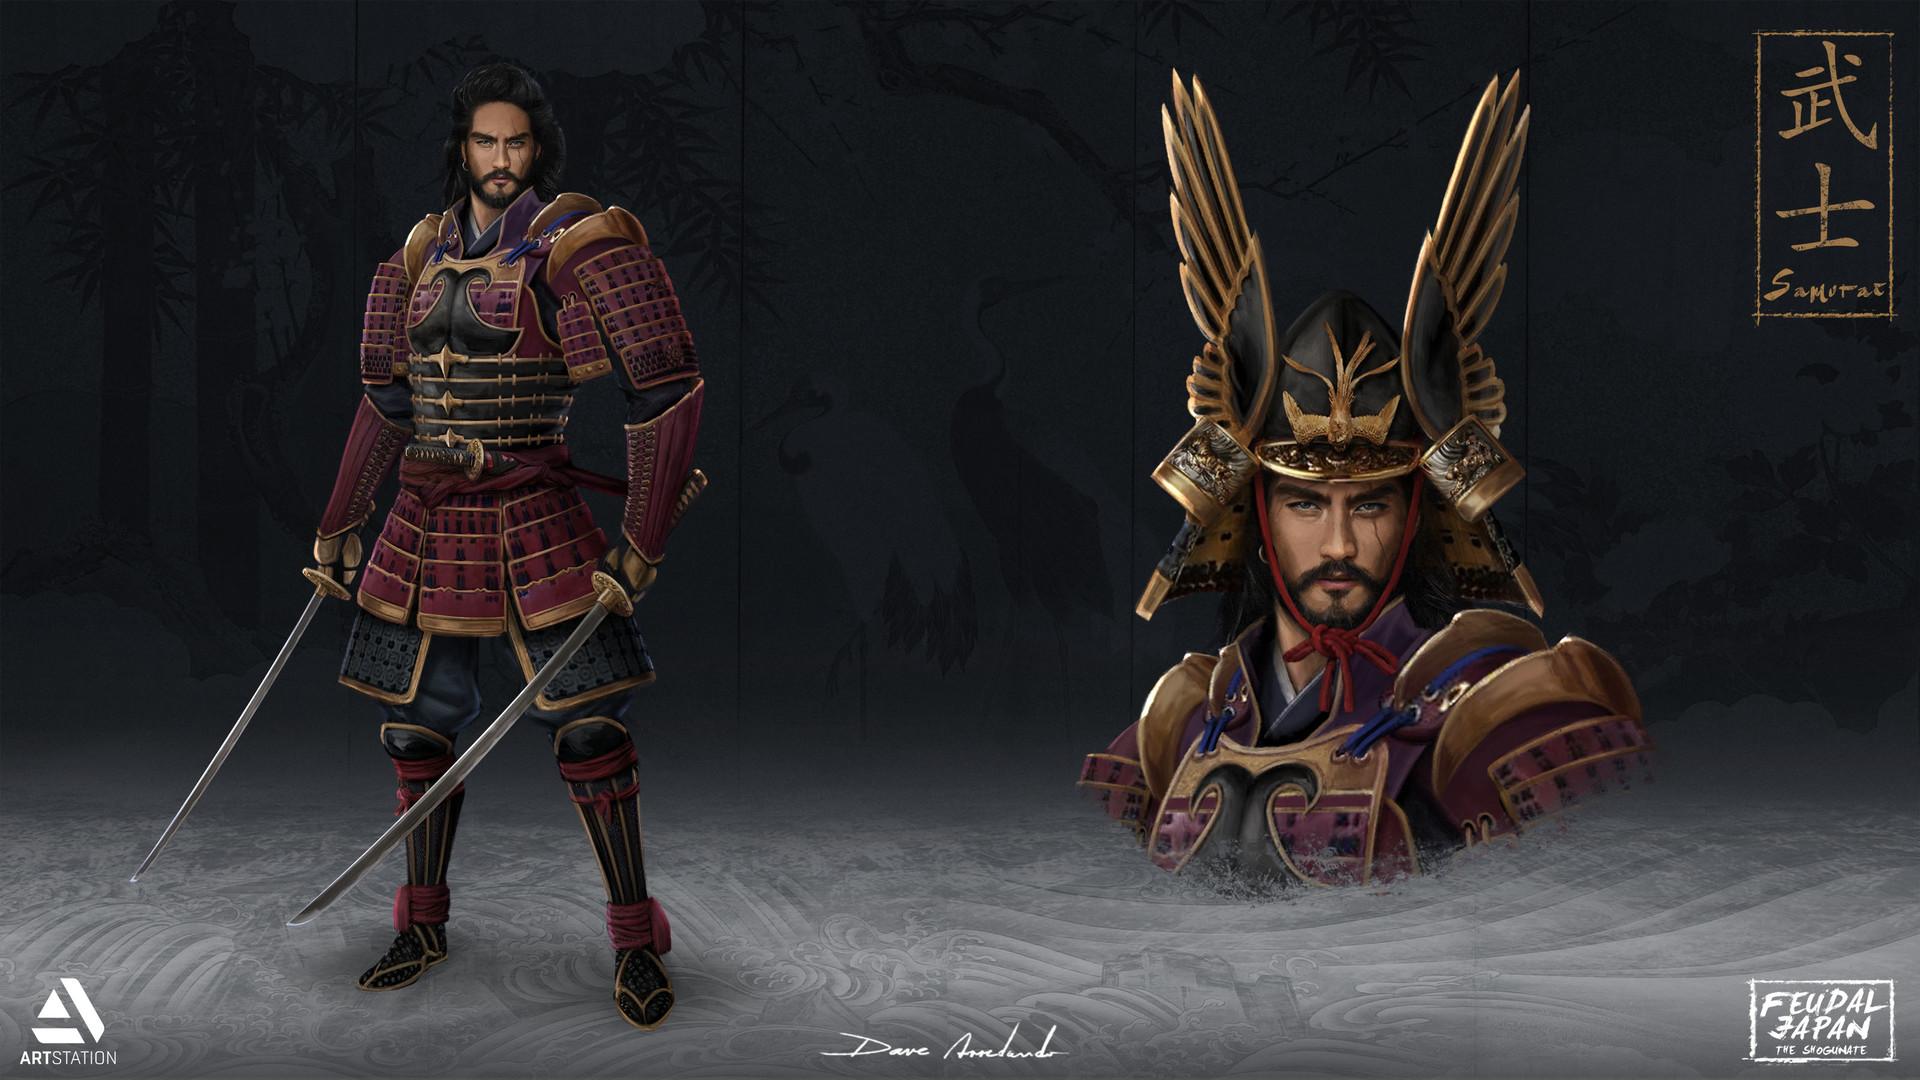 Dave arredondo samurai hd2